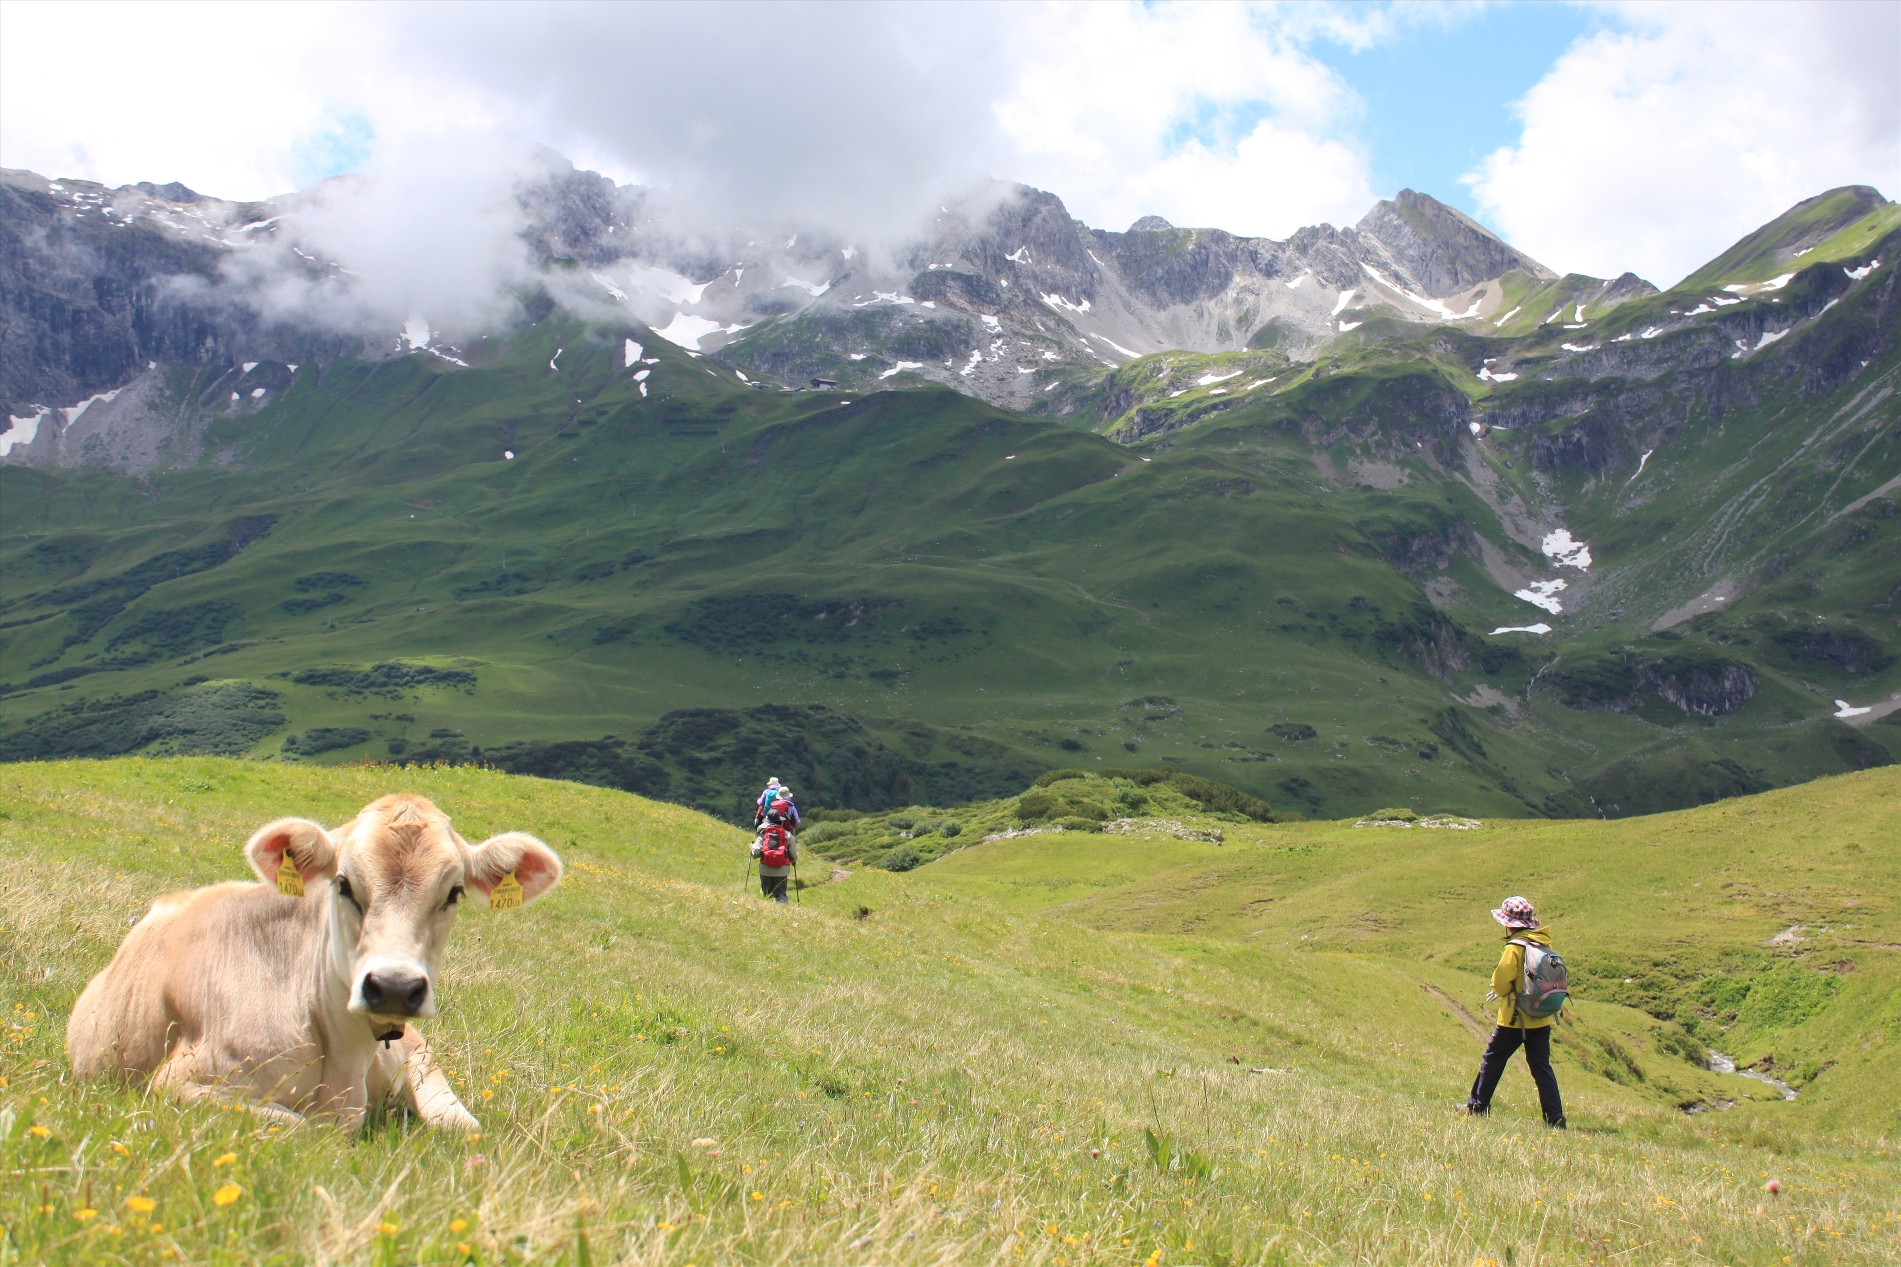 7月1日出発「花咲くチロル・アルプス・フラワー・ハイキングと美しき村 9日間」